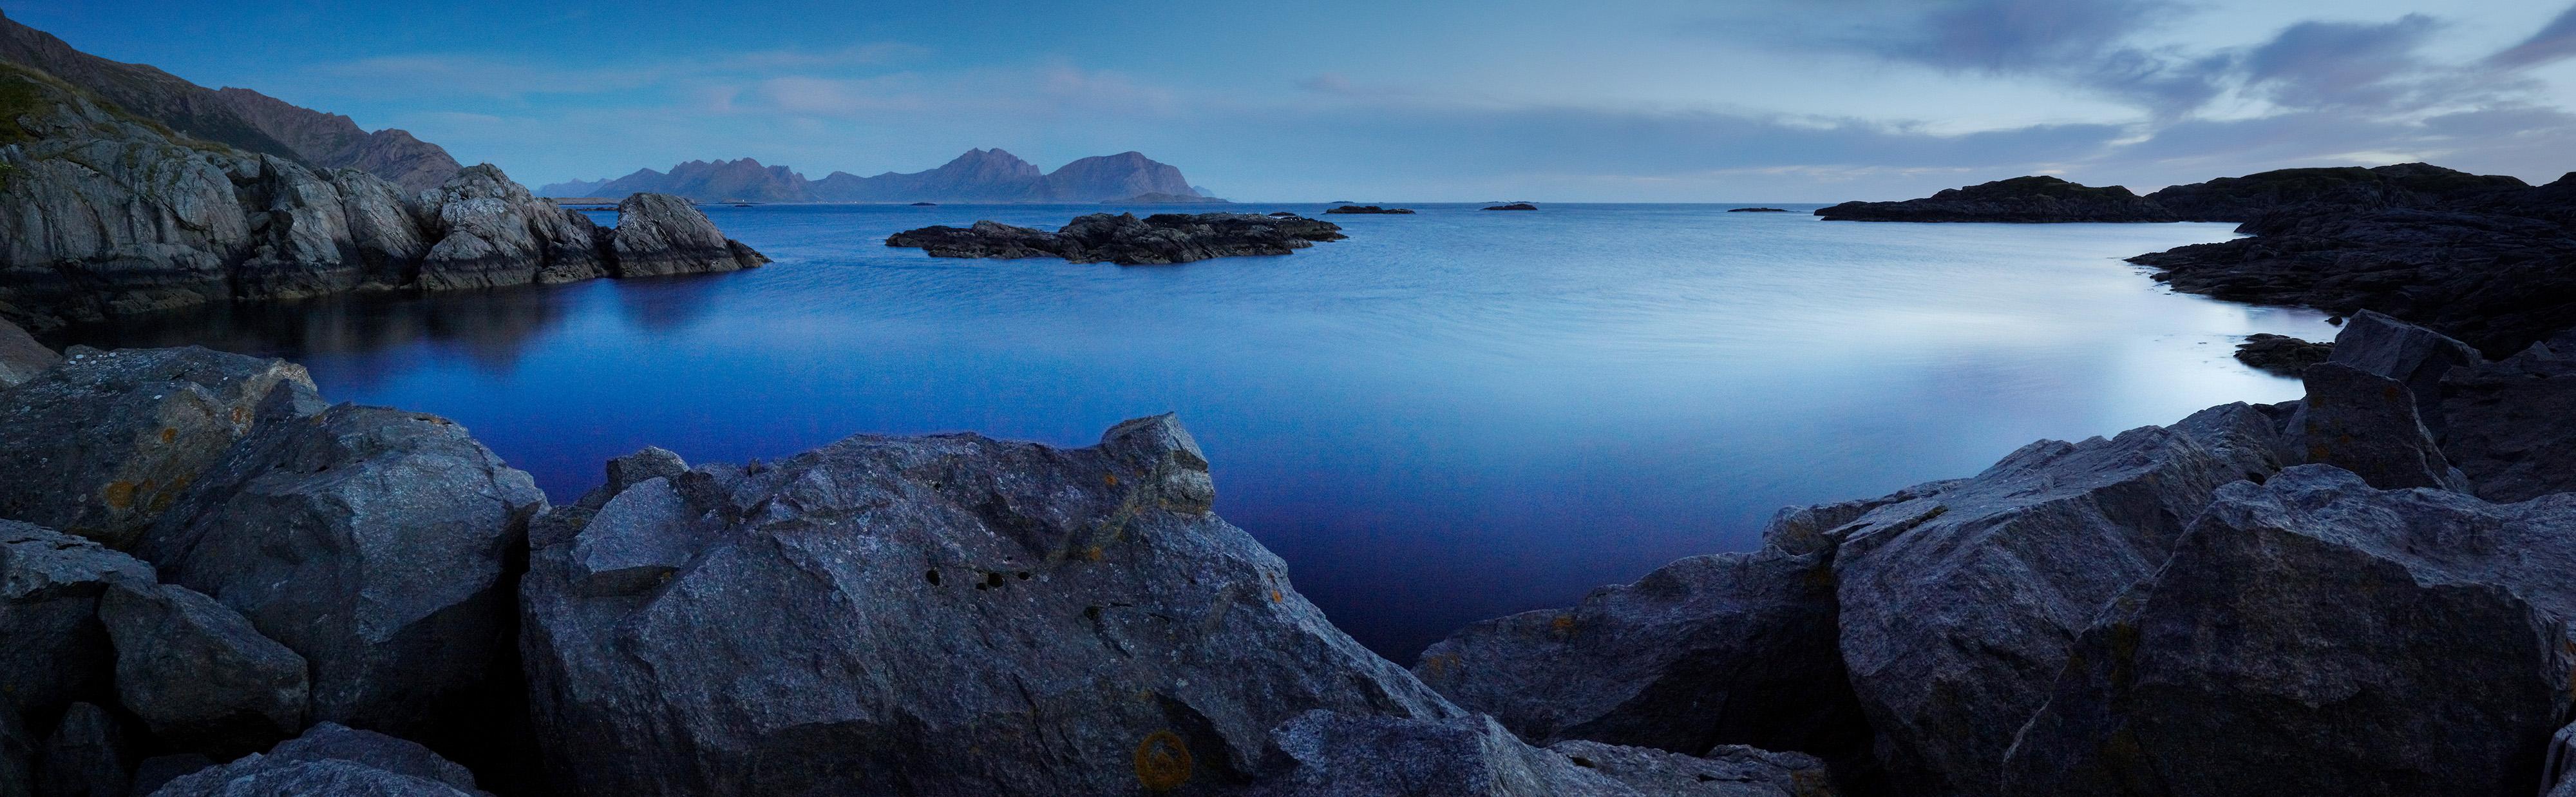 Nyksund Vesterålen Noorwegen